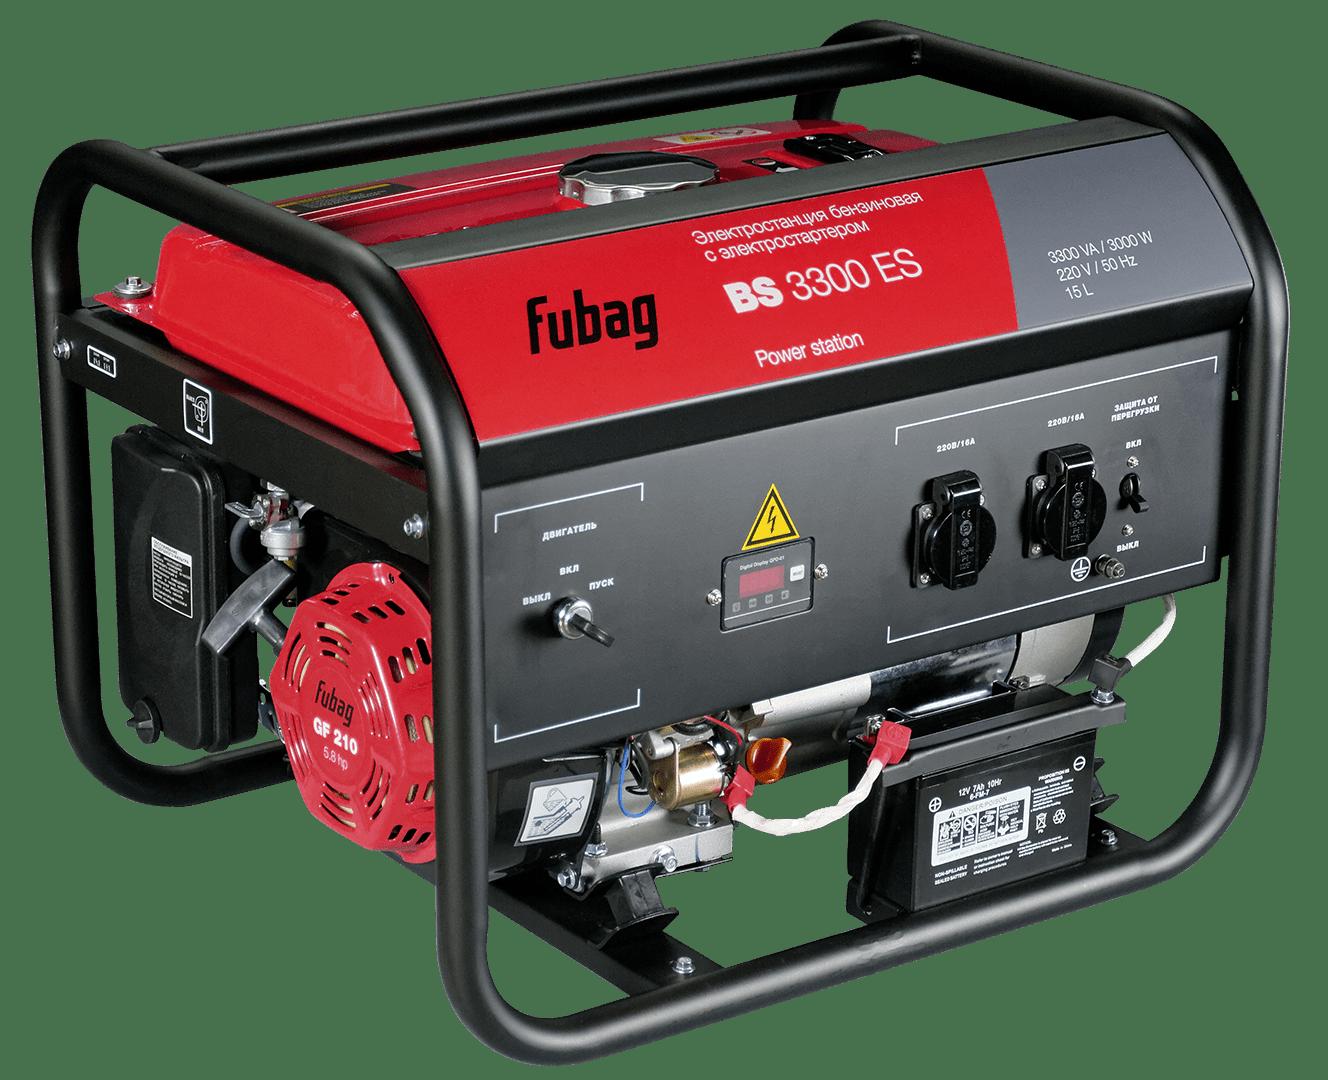 бензиновая электростанция fubag bs 3300 es